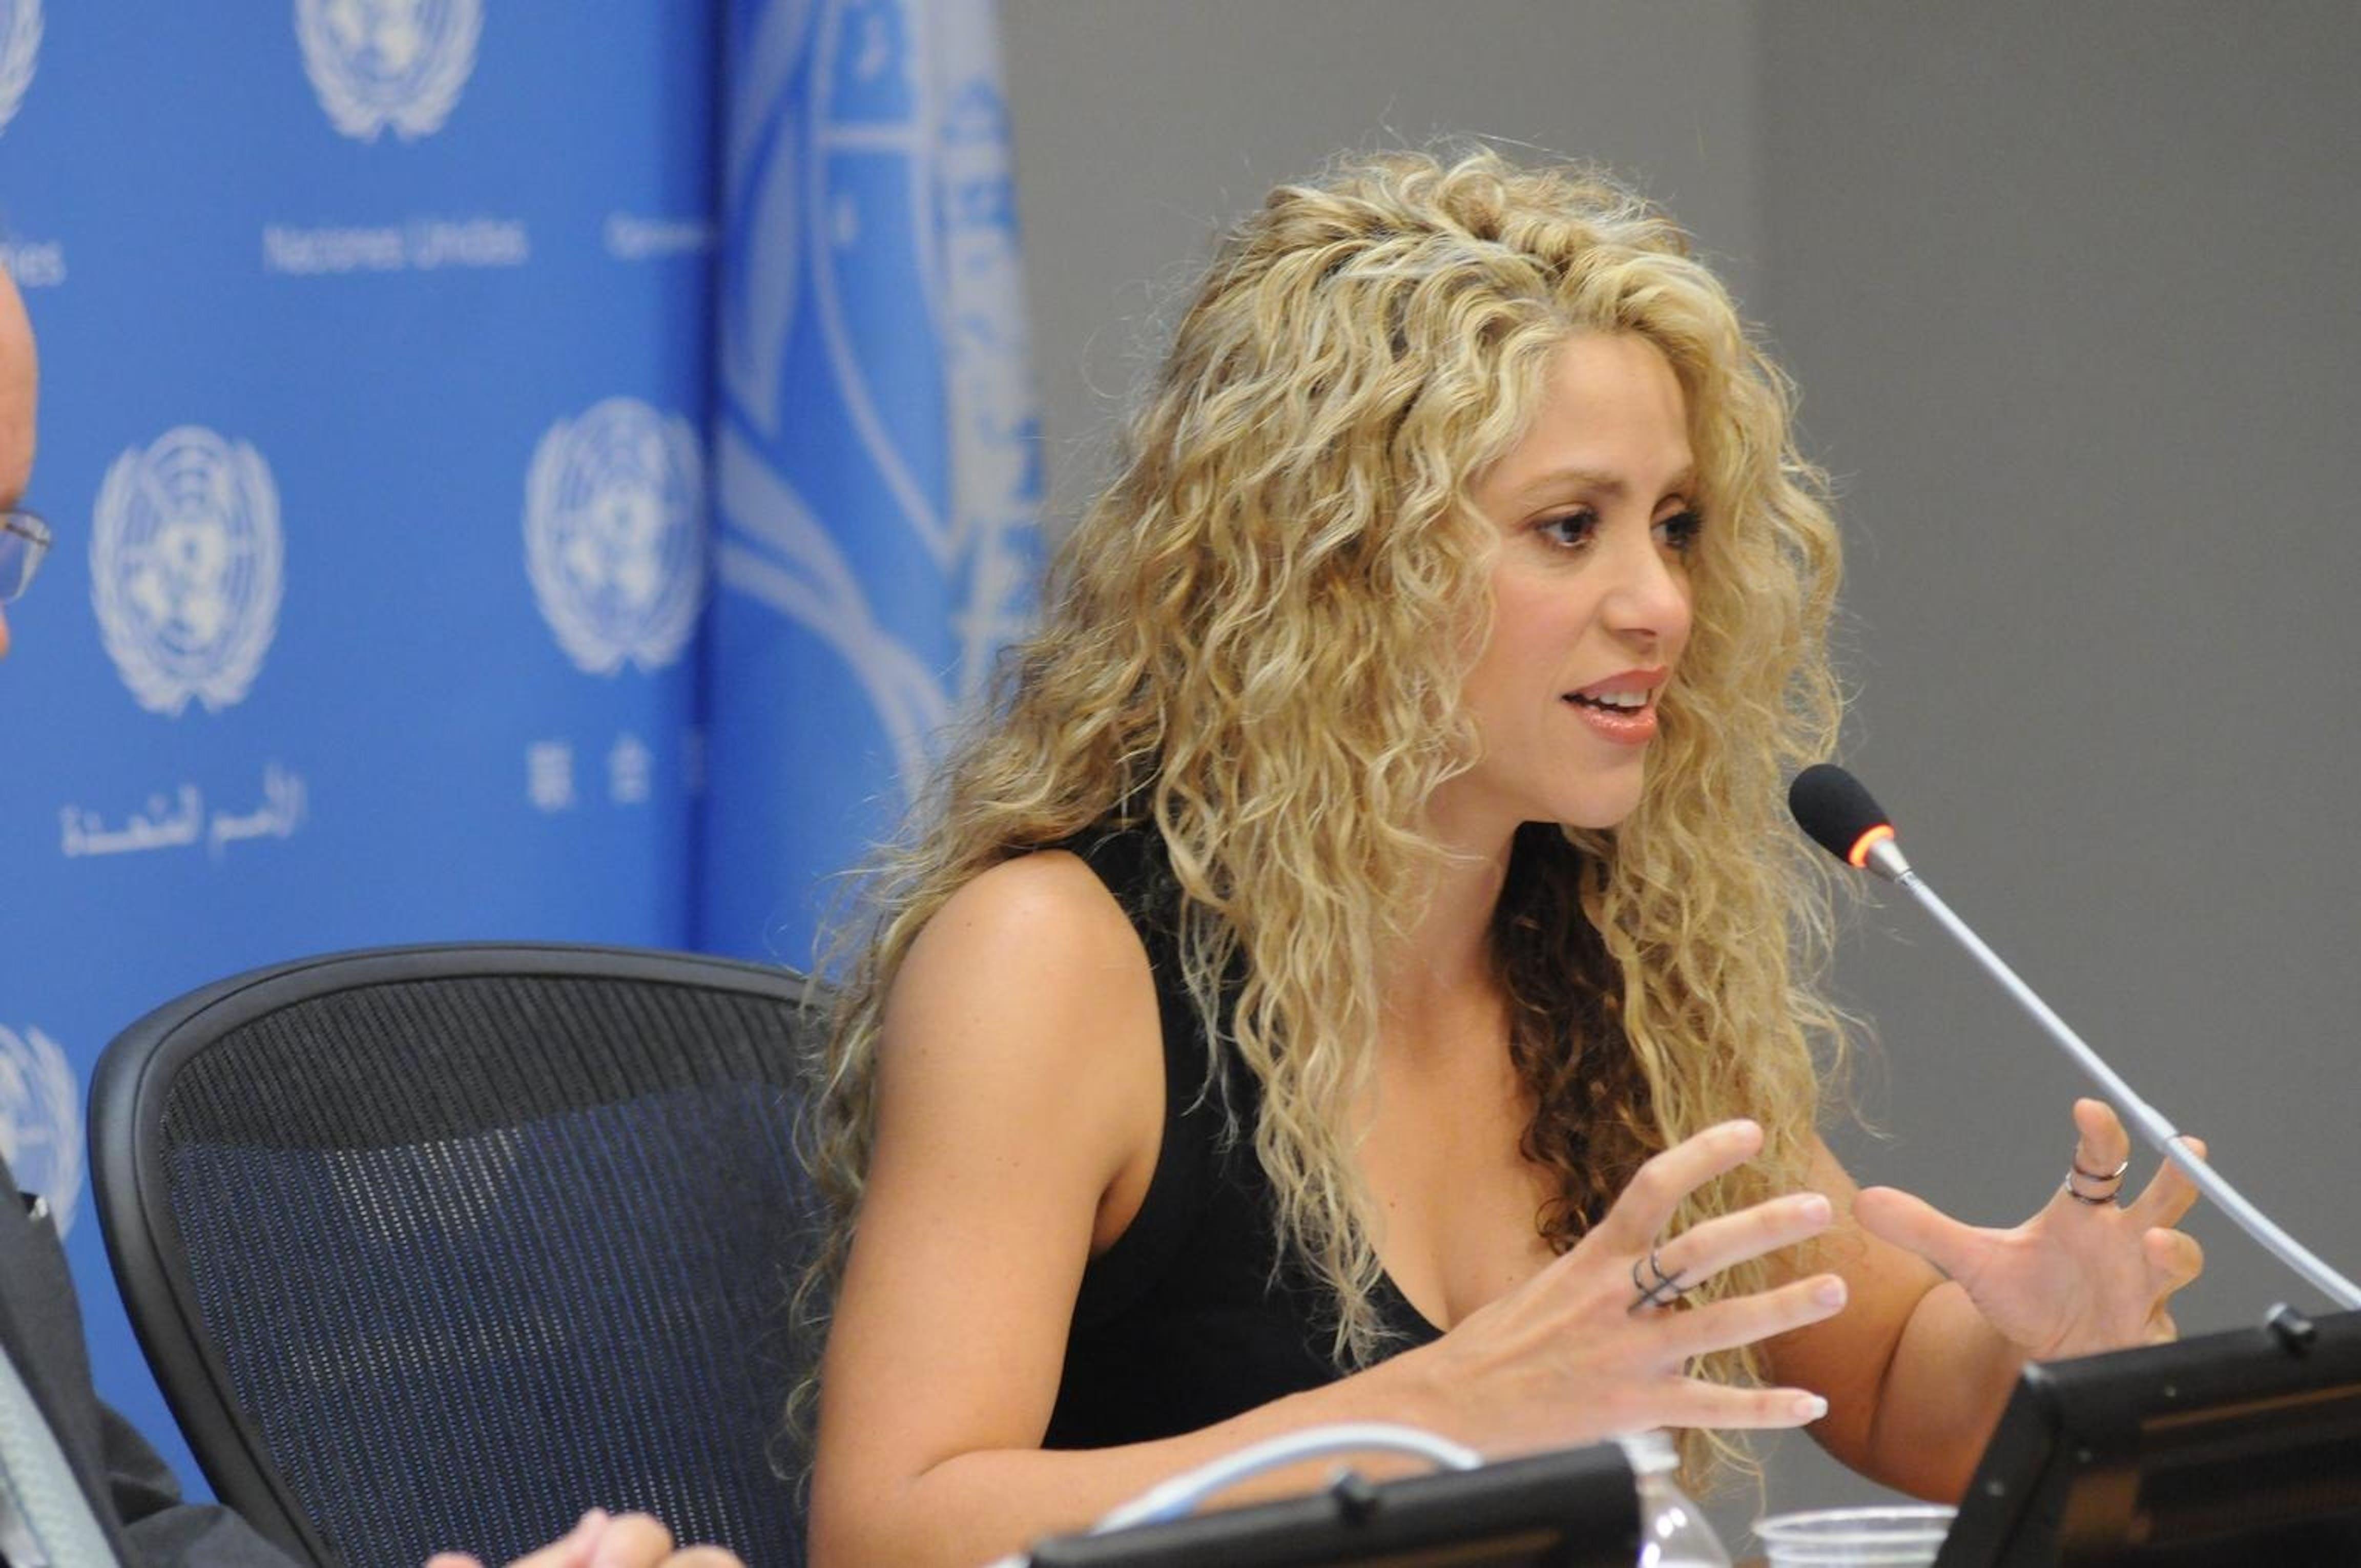 Un momento dell'intervento di Shakira all'iniziativa